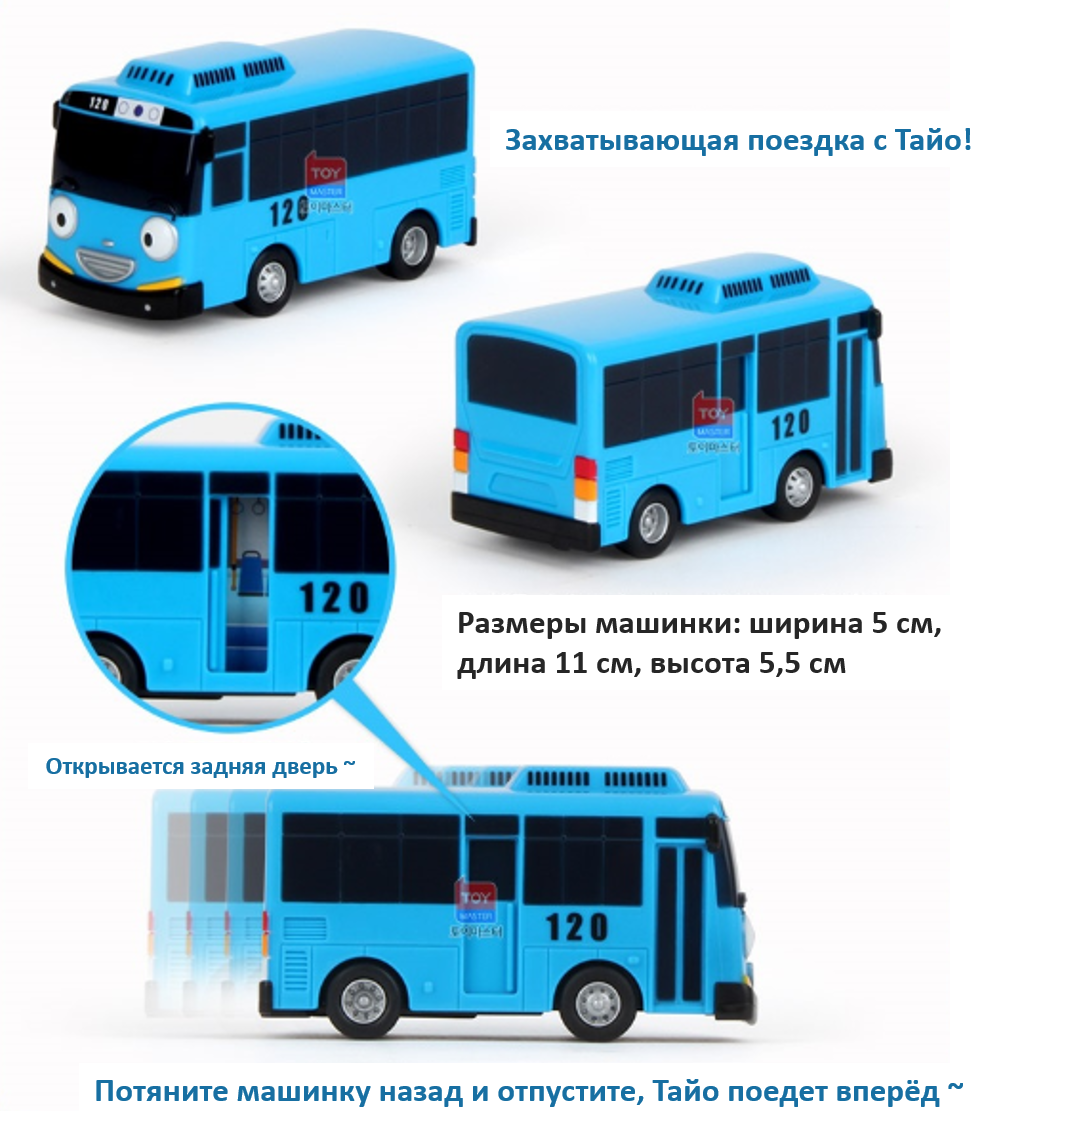 Маленький автобус Тайо - Тайо - Mир Kорейских Tоваров